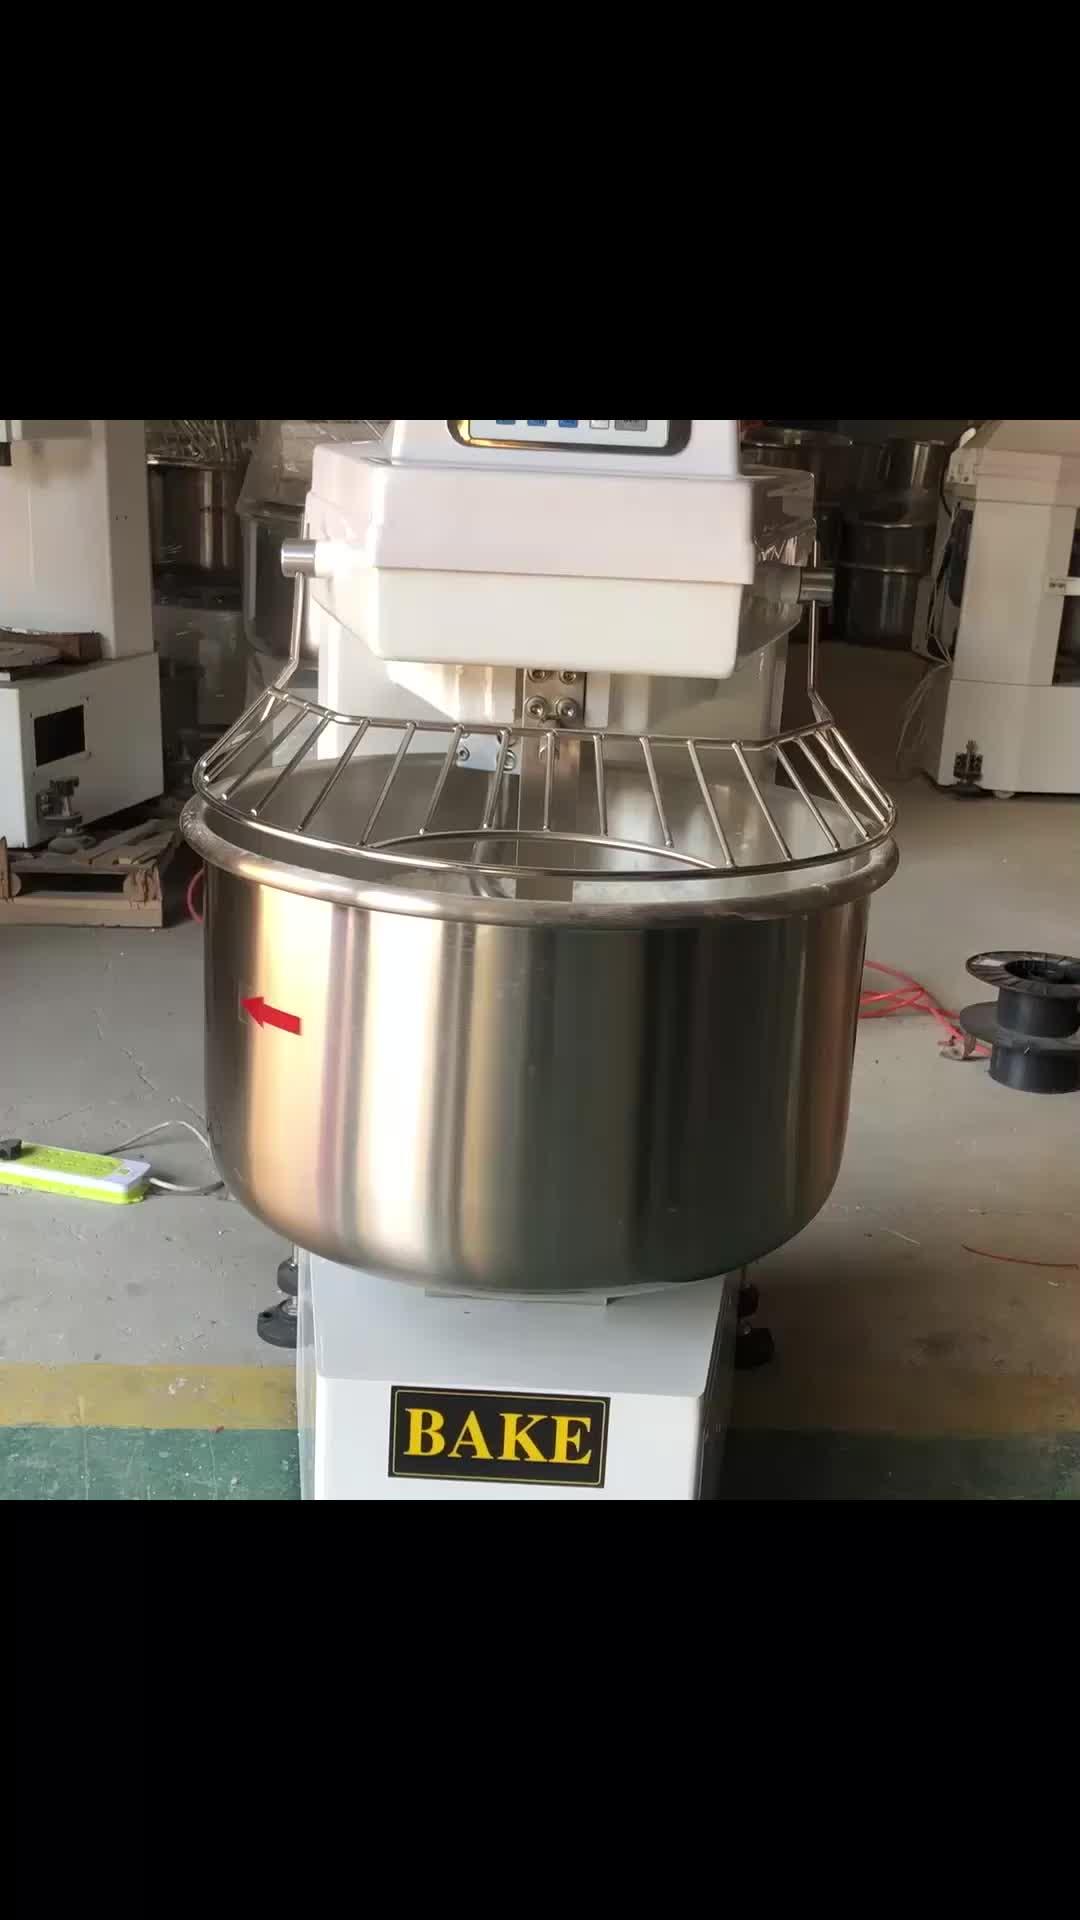 Gasenergie Bäckereimaschinen 10 Tabletts Konvektionsofen zum Braten von Brot, Konvektionsofen zum Backen einer Pizzeria